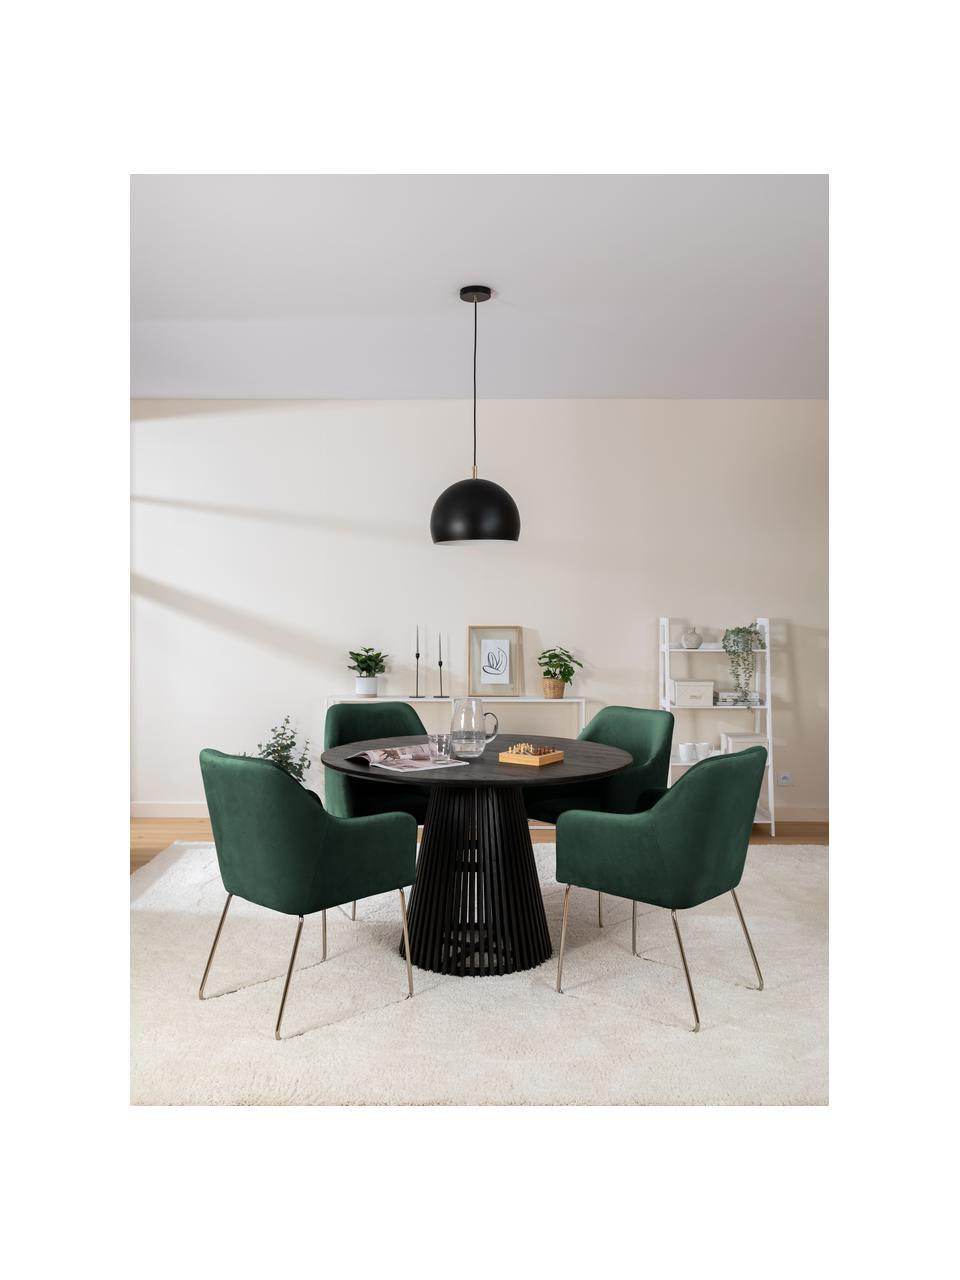 Krzesło z podłokietnikami  z aksamitu Ava, Tapicerka: aksamit (100% poliester) , Nogi: metal galwanizowany, Aksamitny ciemny zielony, S 57 x G 63 cm